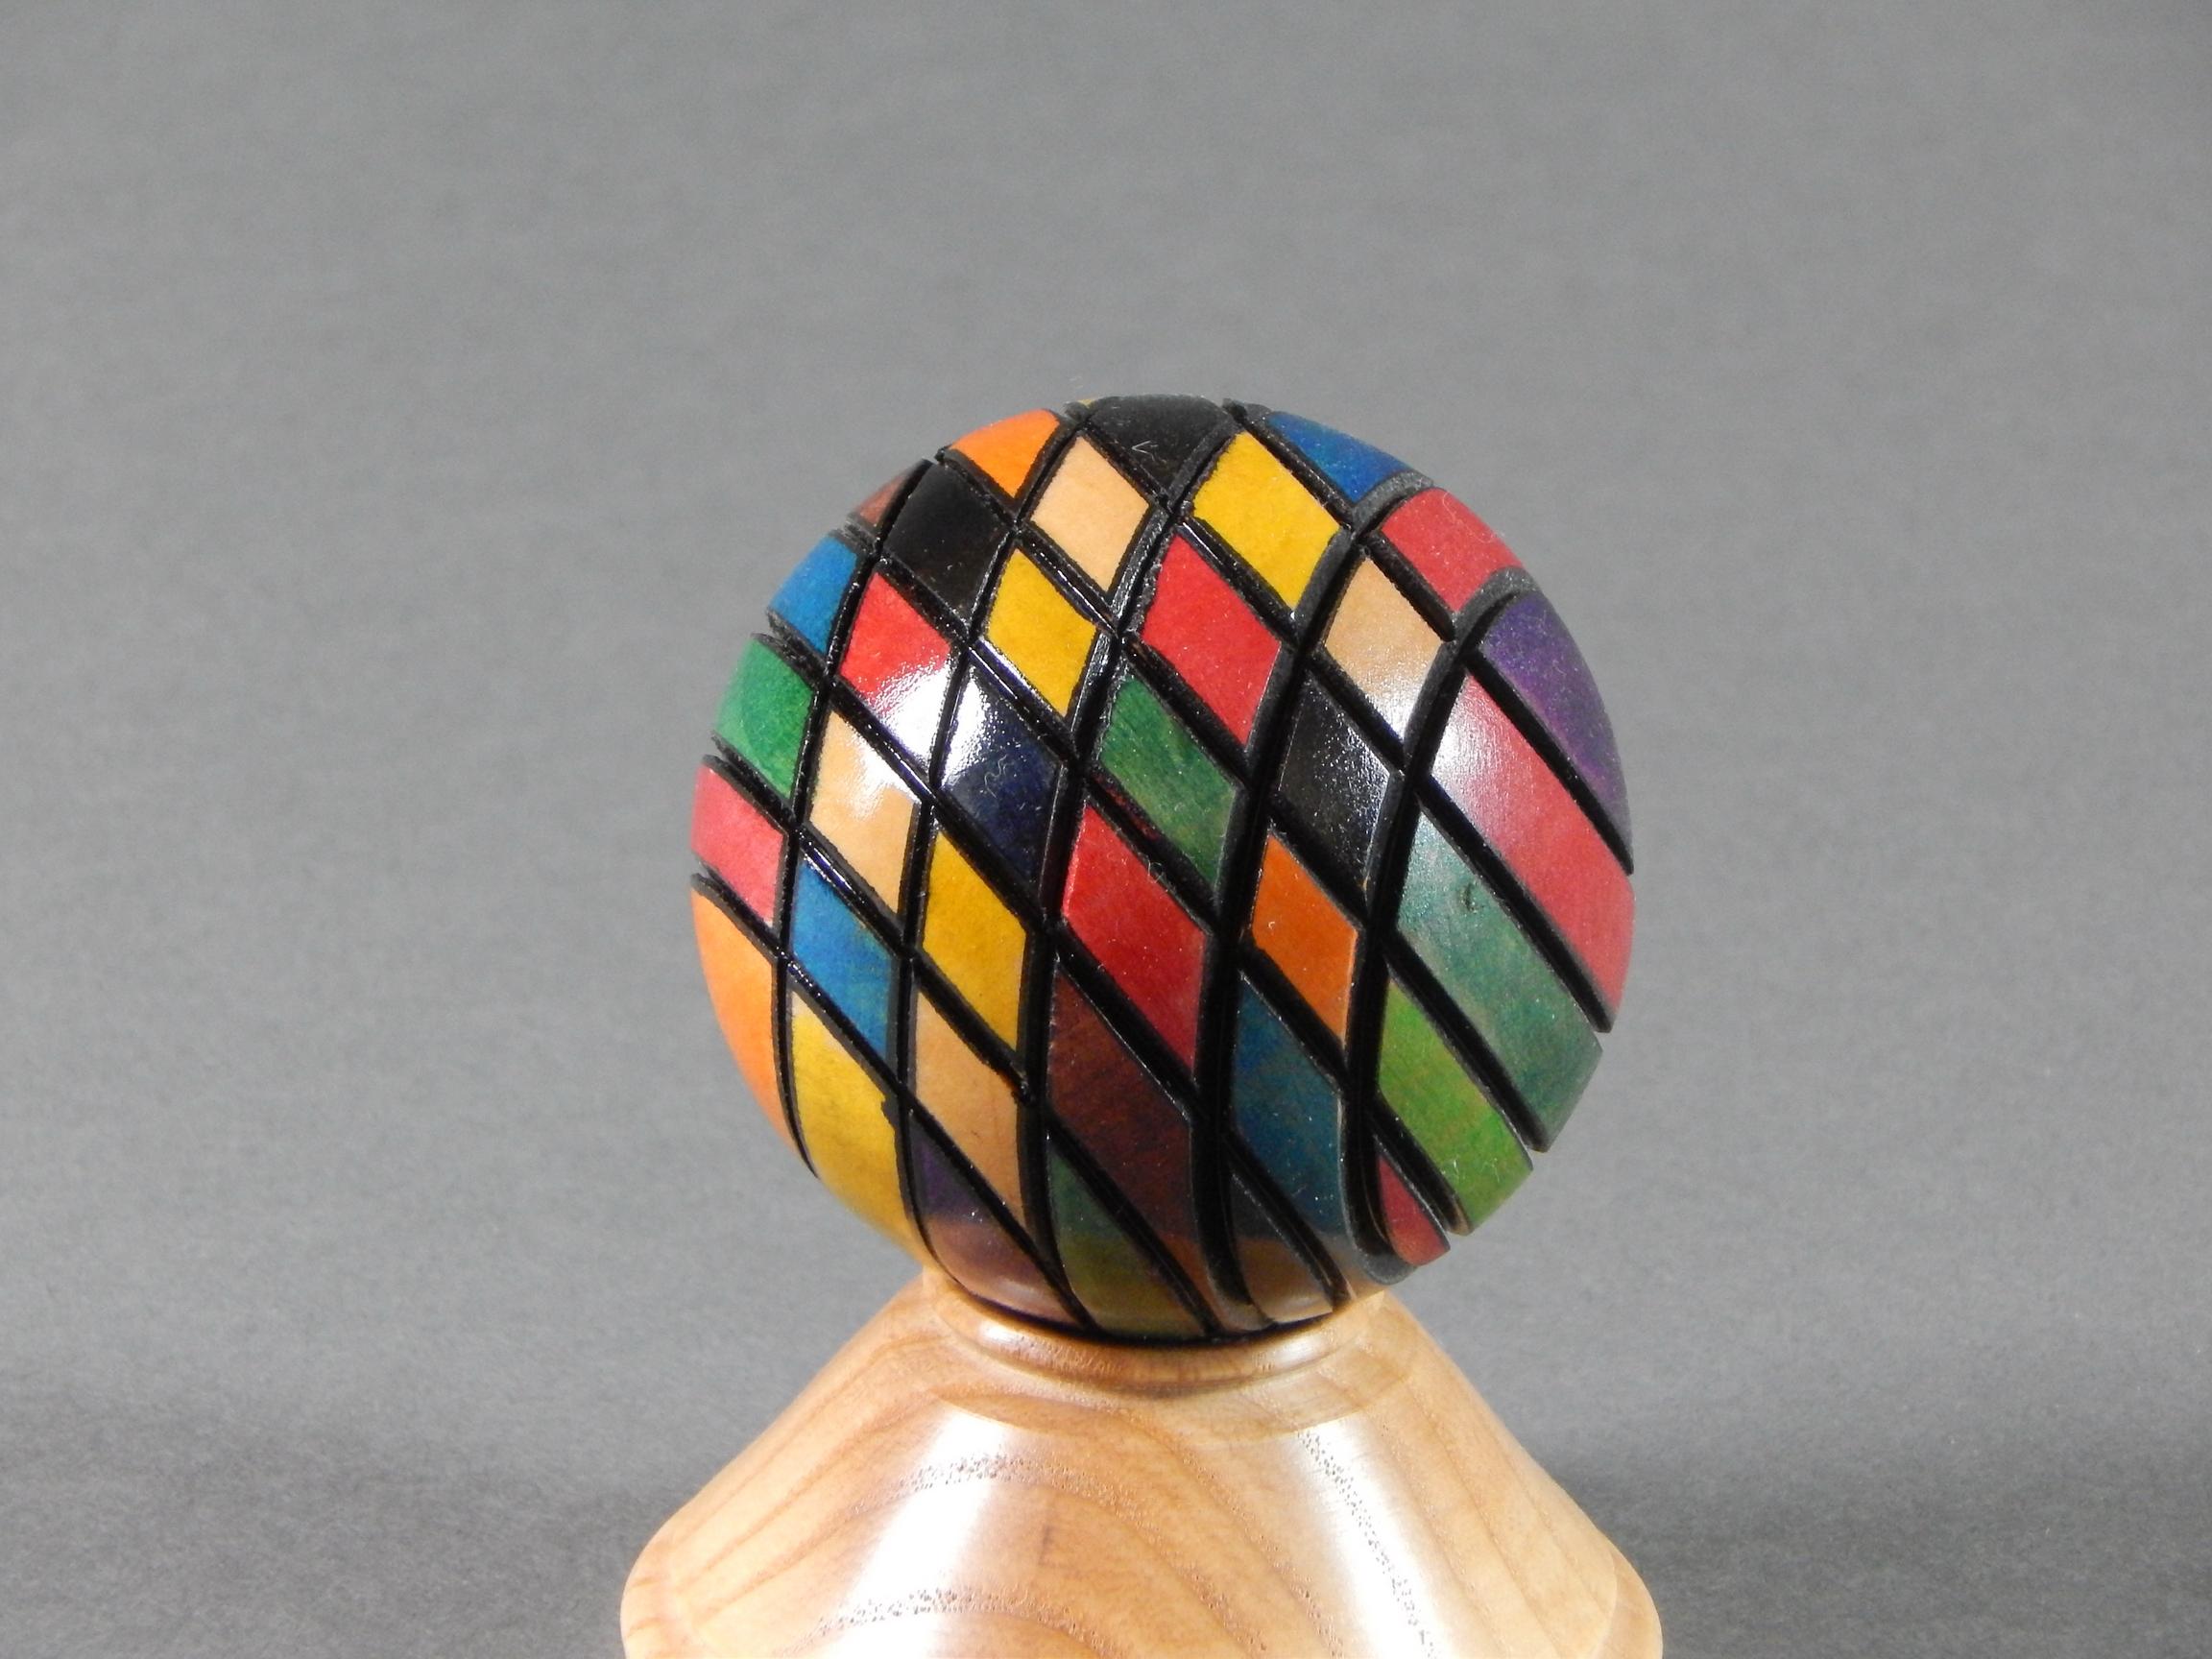 Dick Gerard - Sphere